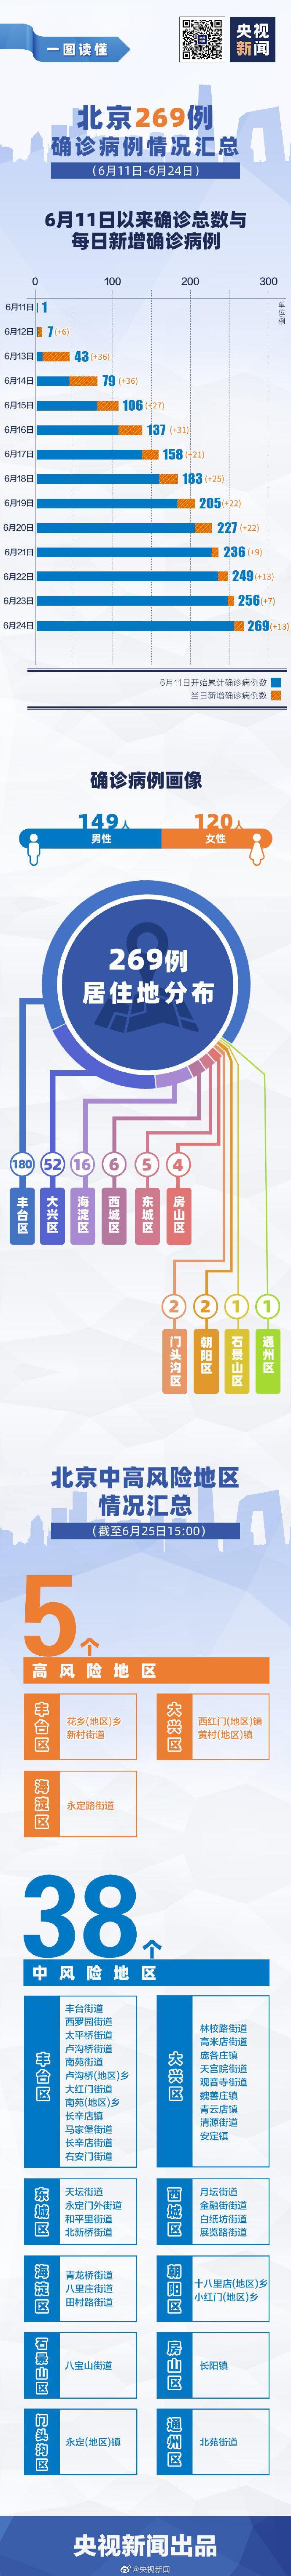 一图看北京14天新增269例确诊情况,股指期货直播间